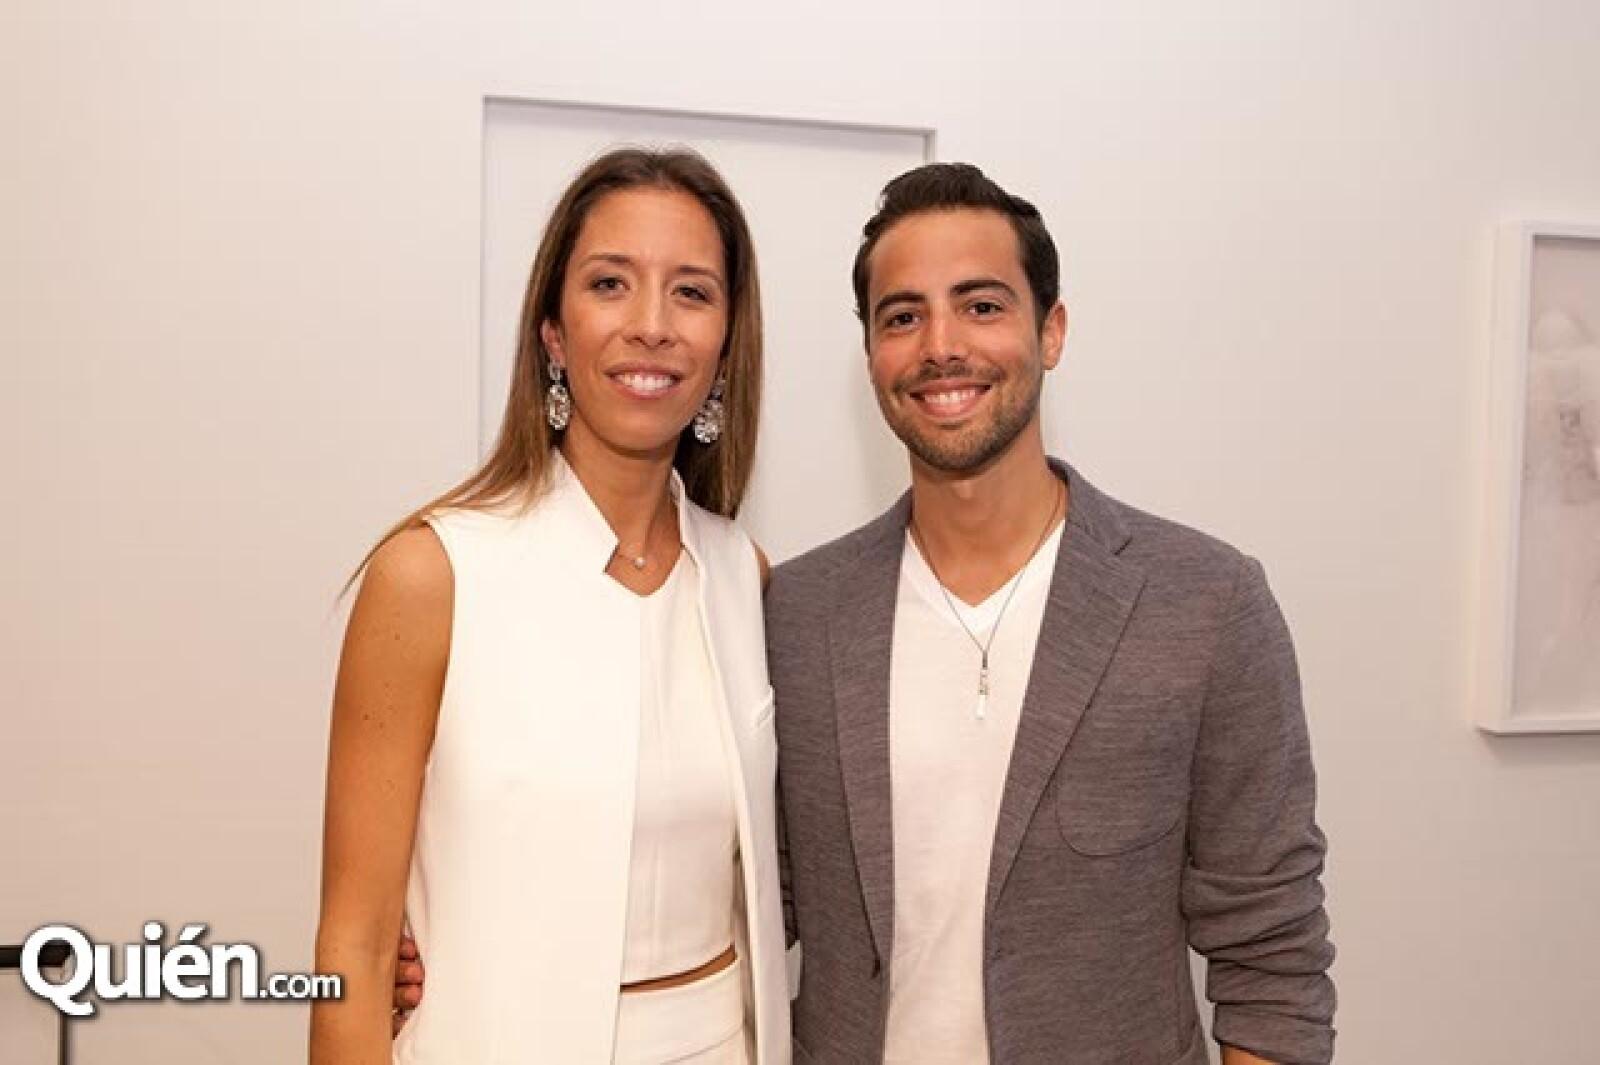 Juana Domenzain Girault y Luis Gigen